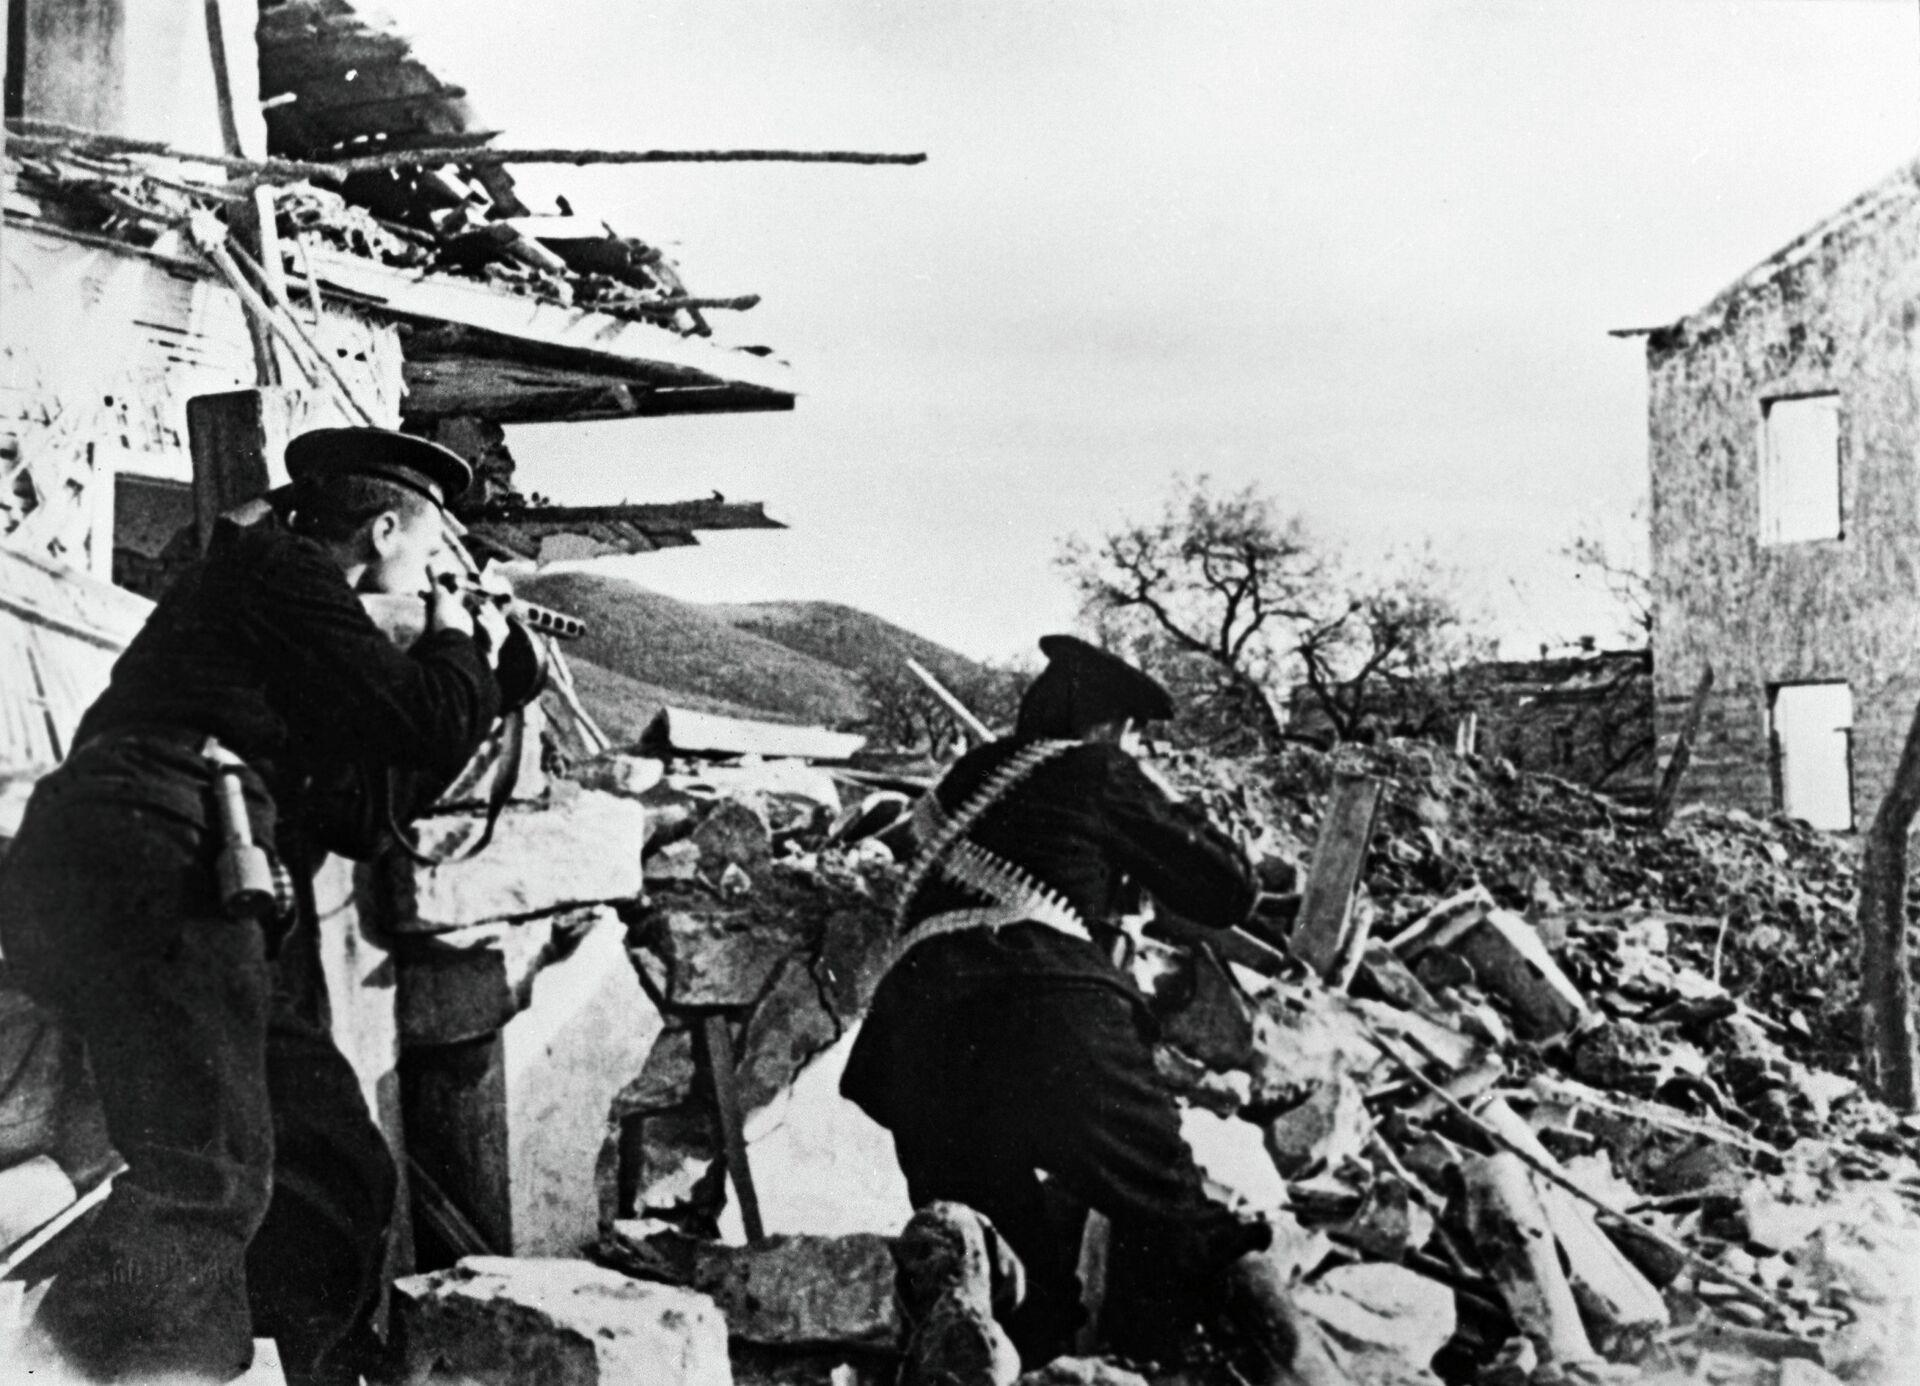 Бойцы морской пехоты сражаются на улицах г. Севастополь - РИА Новости, 1920, 26.11.2020